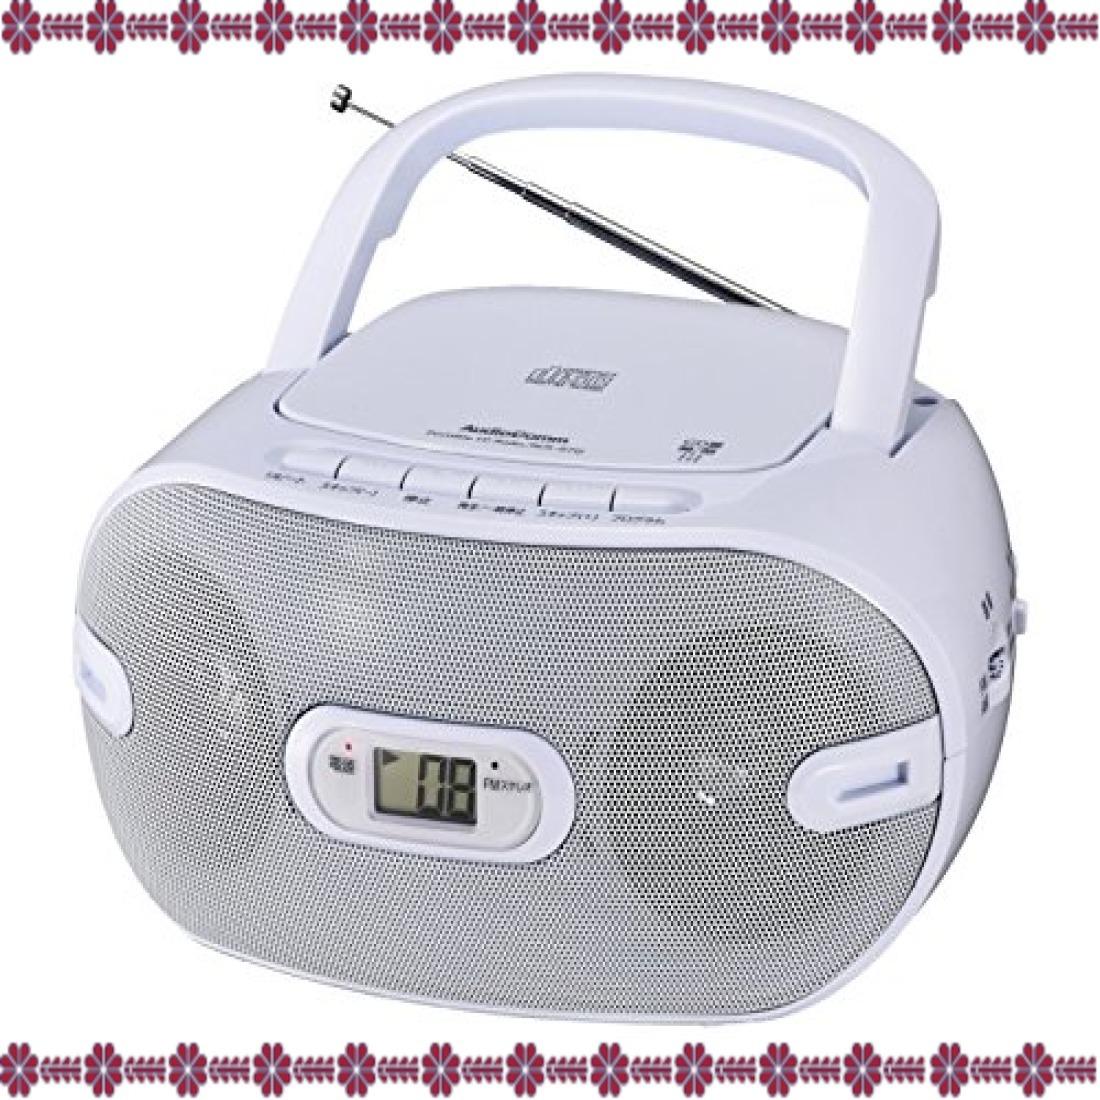 ホワイト 幅231×高さ116×奥行218mm オーム電機 Audio Comm CDラジオ871Z RCR-871Z ホワイト_画像1